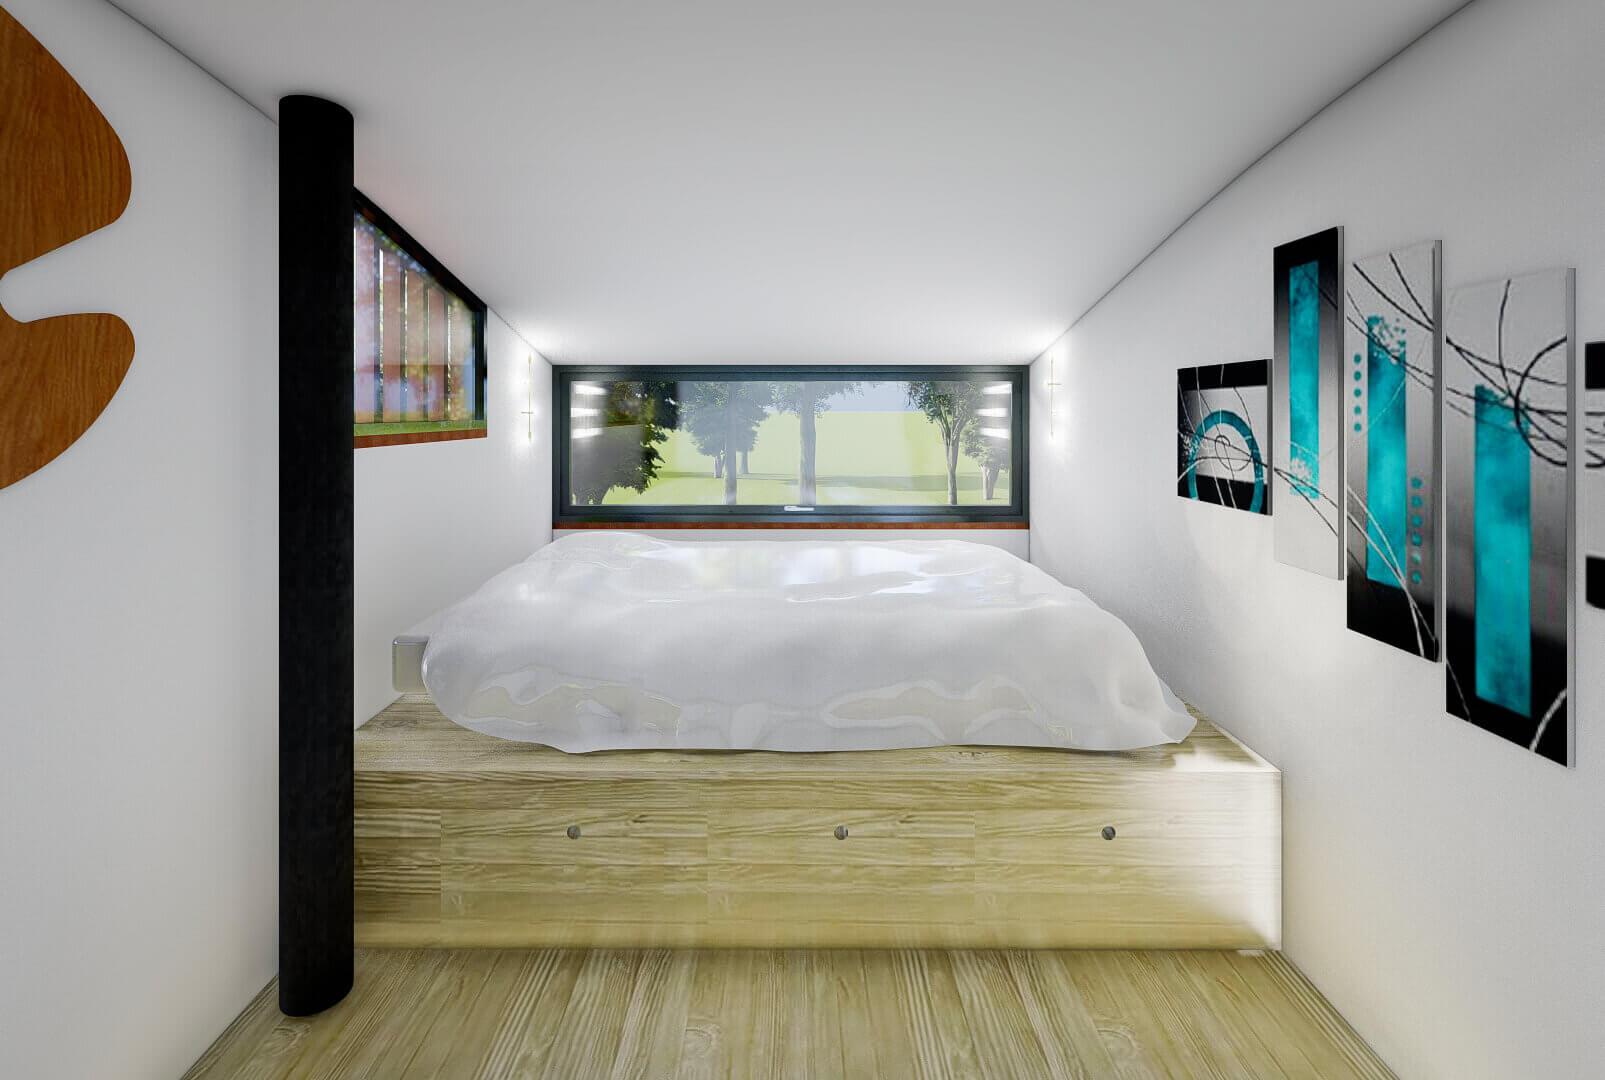 Sypialnia w Natura (Tiny Housing)